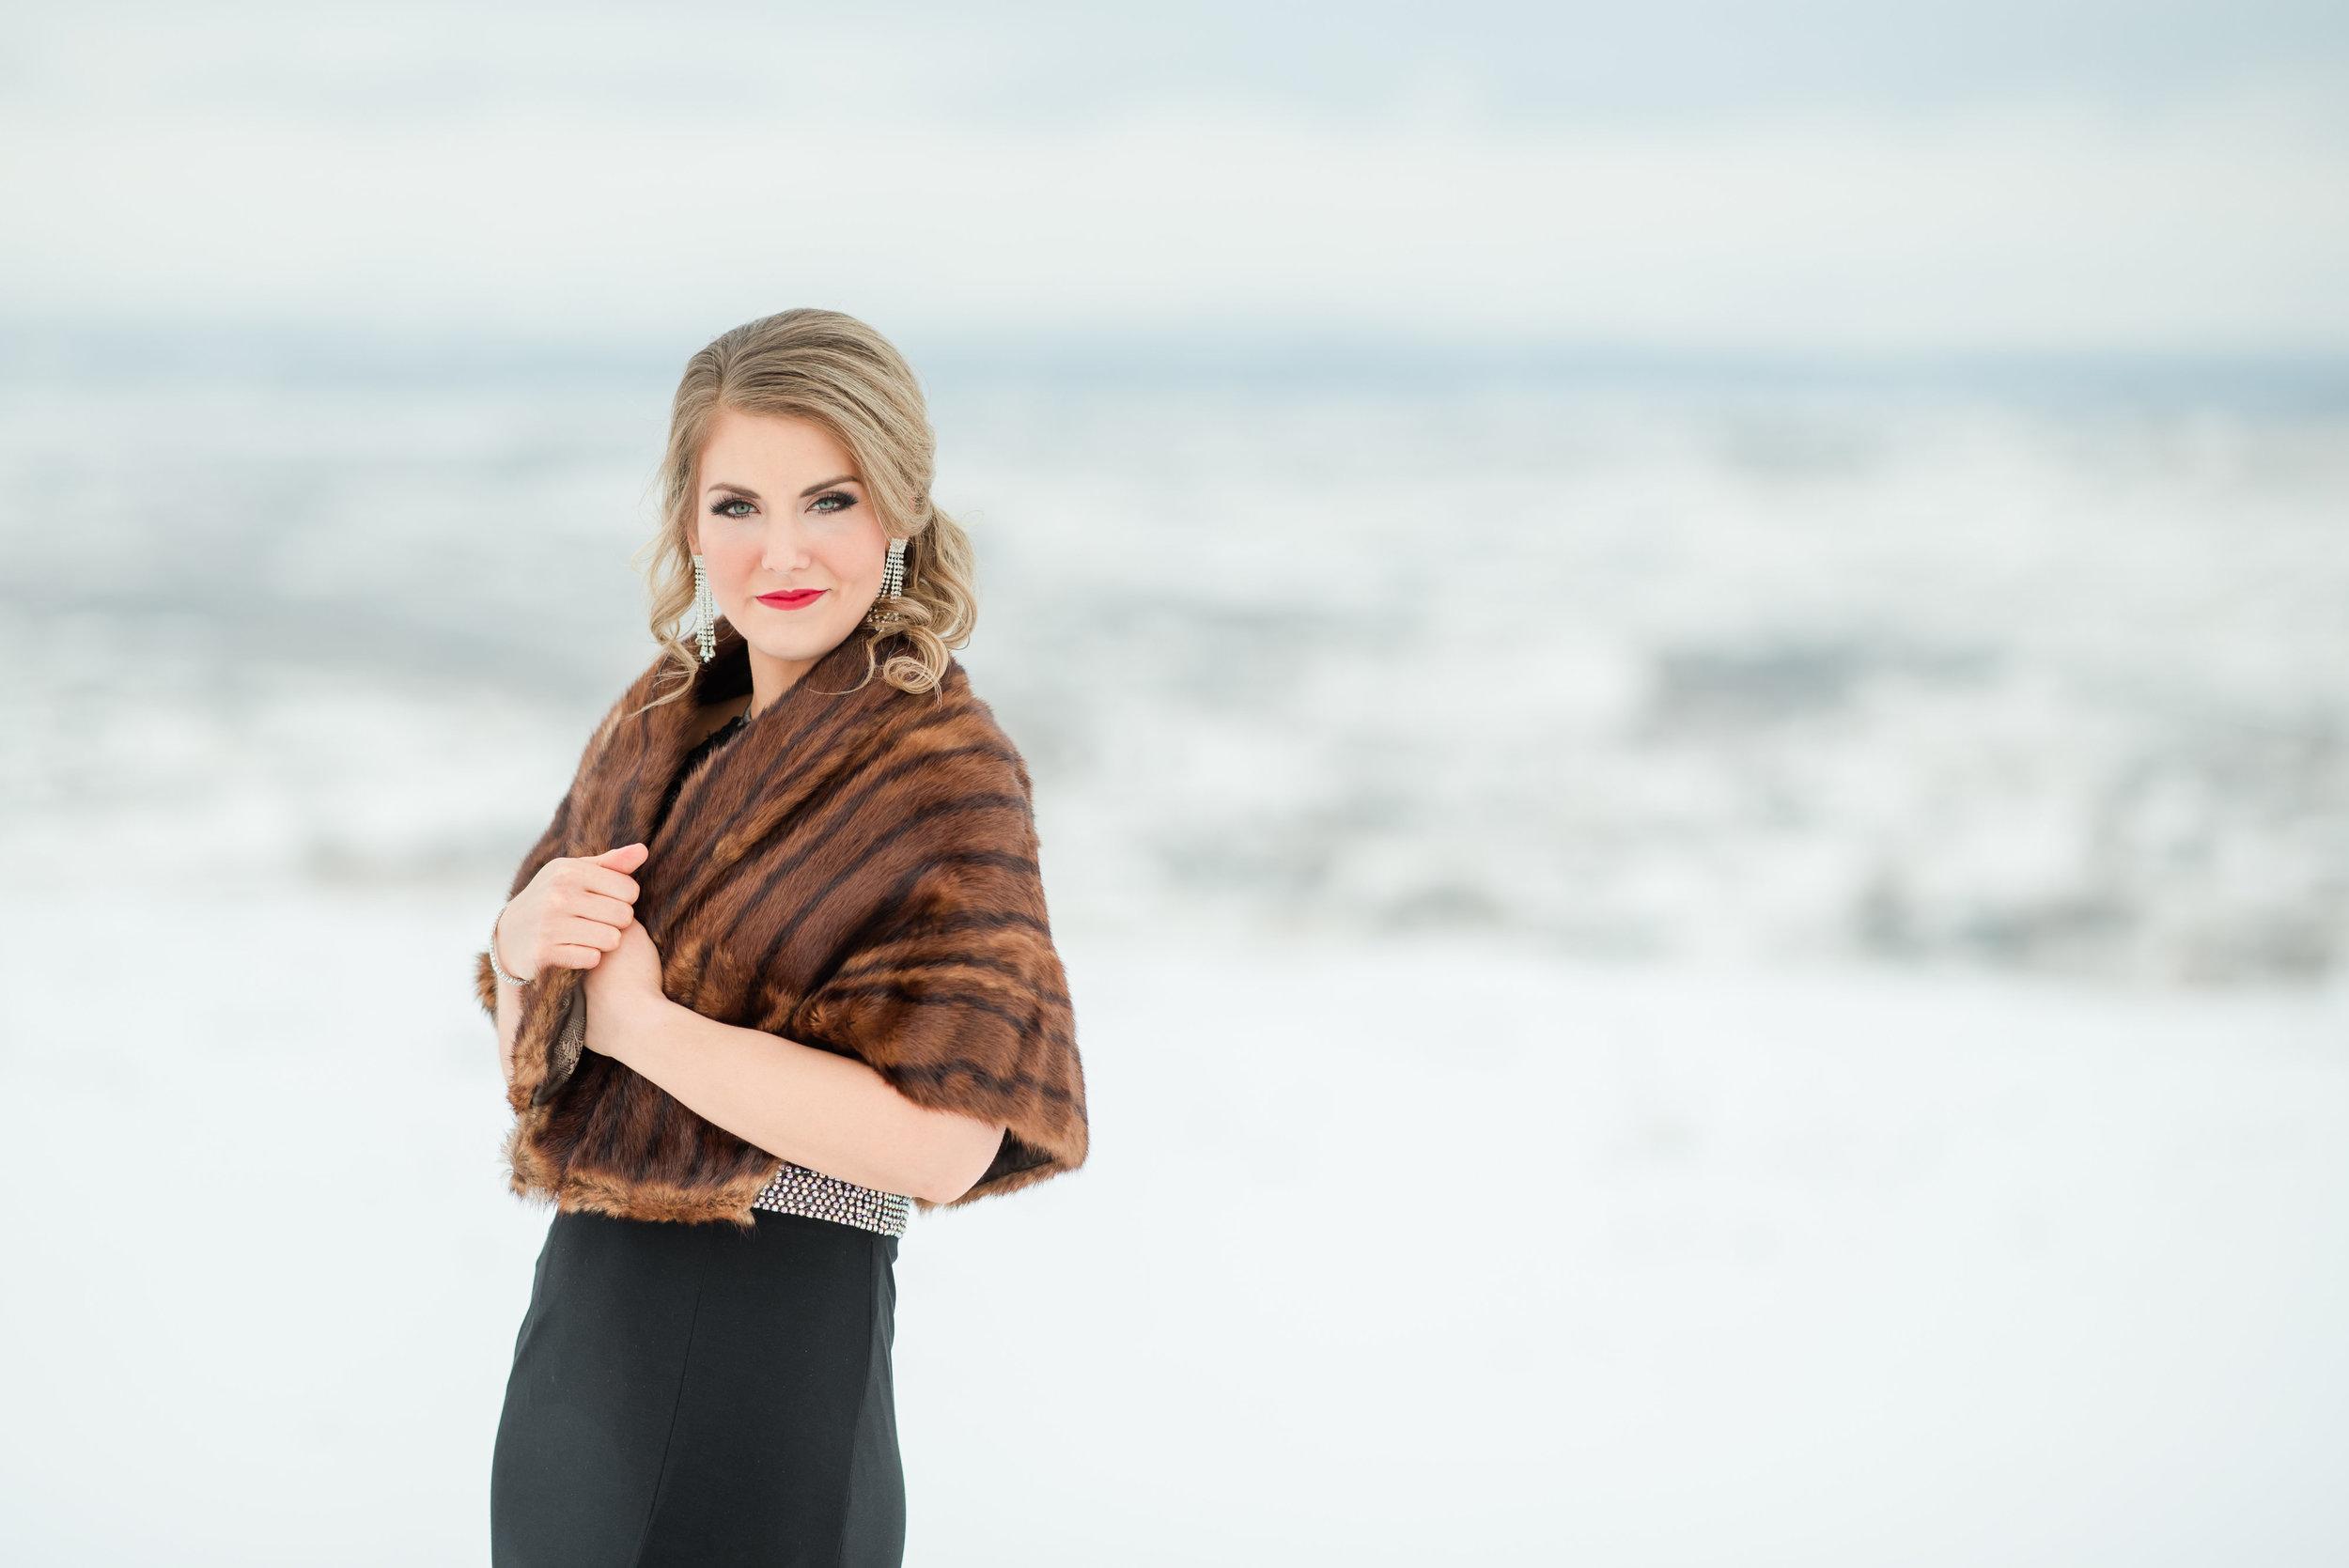 Deidra Winter Shoot Edited-0007.jpg